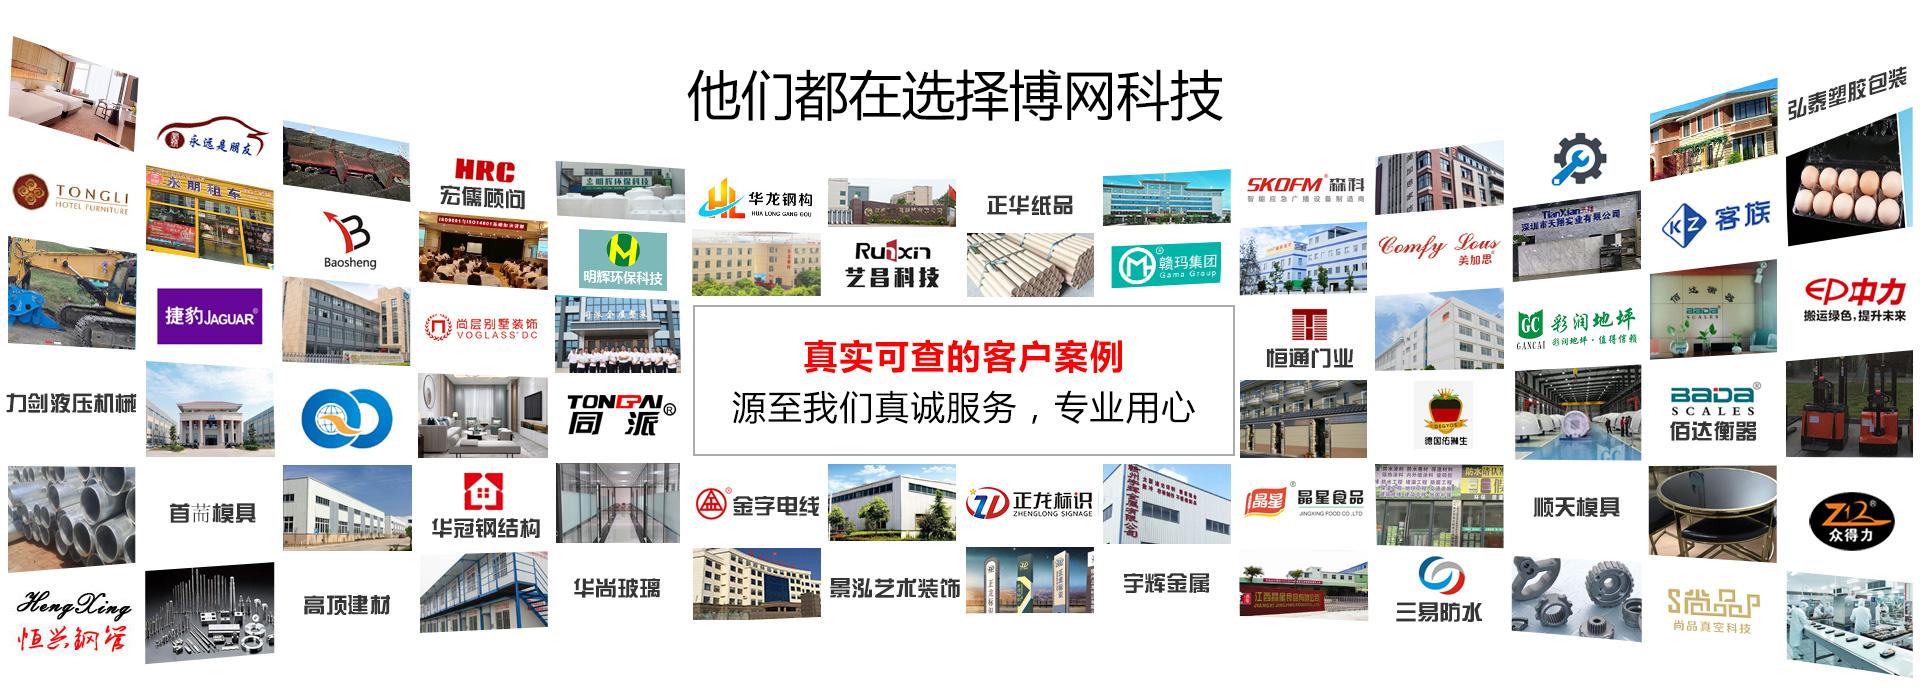 赣州网络公司